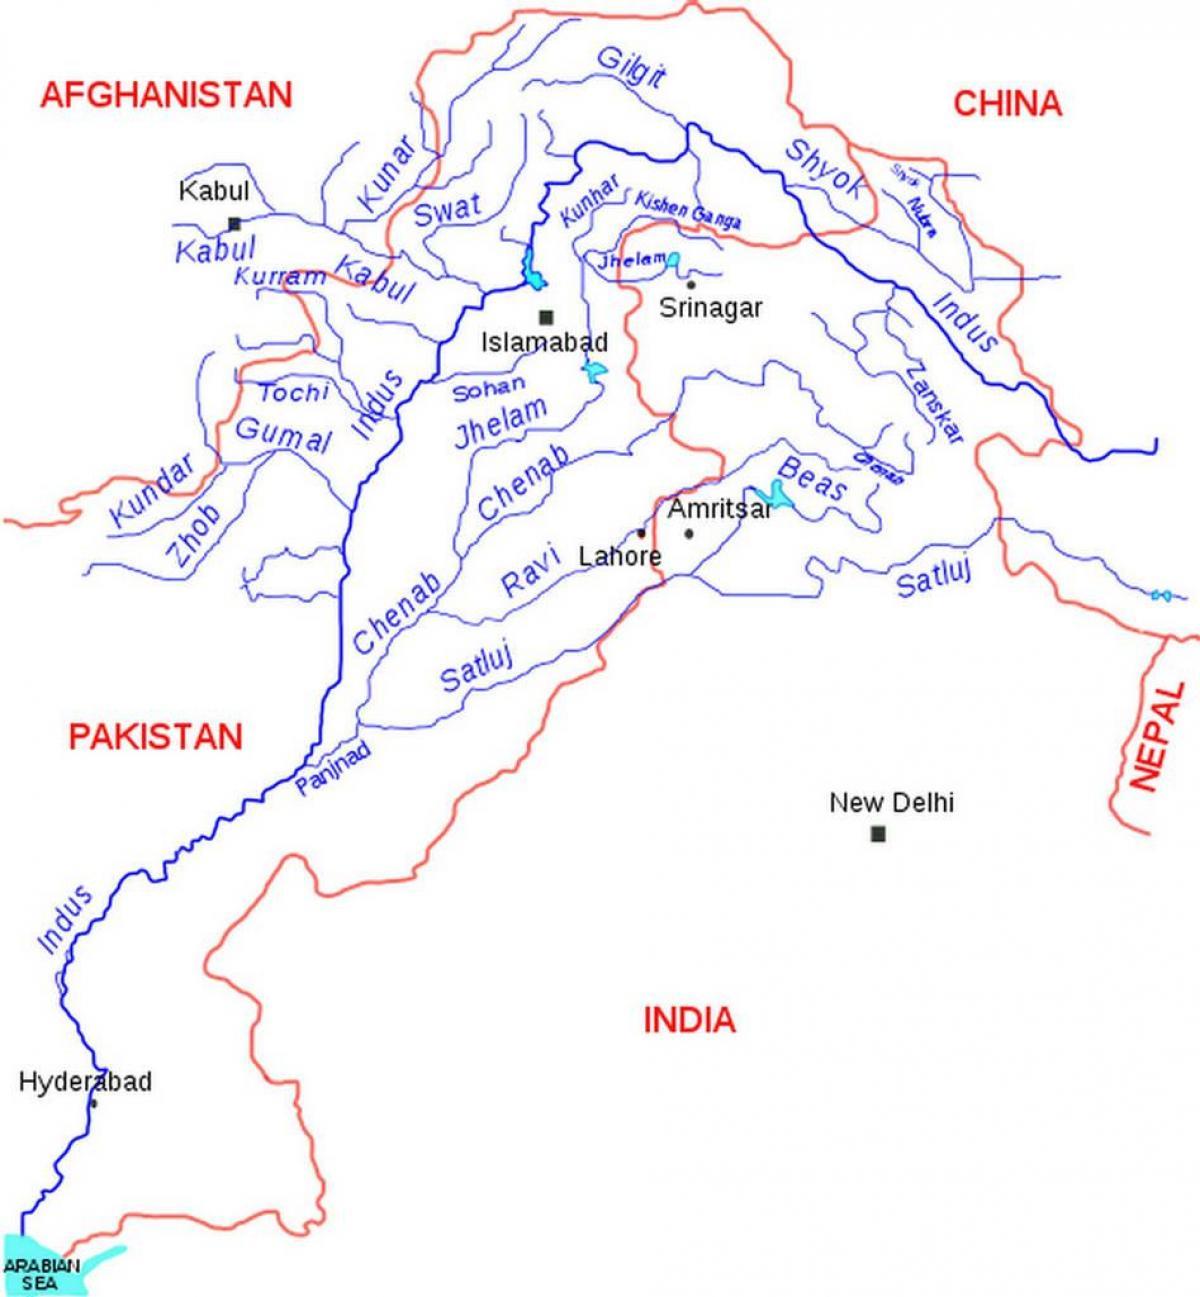 Carte Du Pakistan Rivières - Pakistan Carte Des Fleuves destiné Carte Des Fleuves